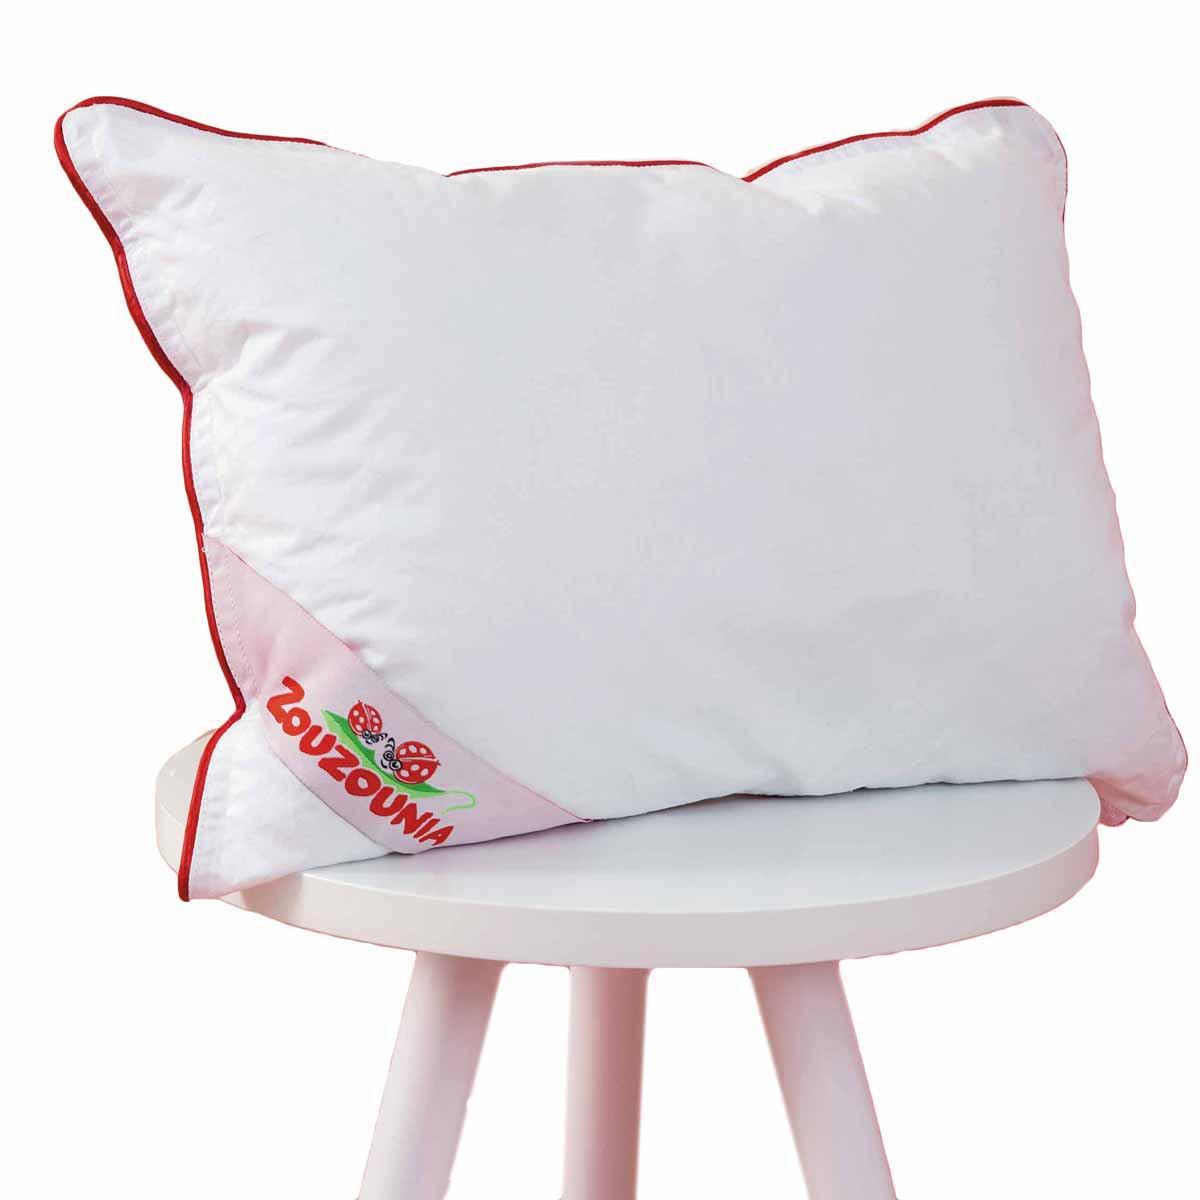 Βρεφικό Μαξιλάρι (35x50) Zouzounia Pillow 172 home   βρεφικά   μαξιλάρια   επιστρώματα